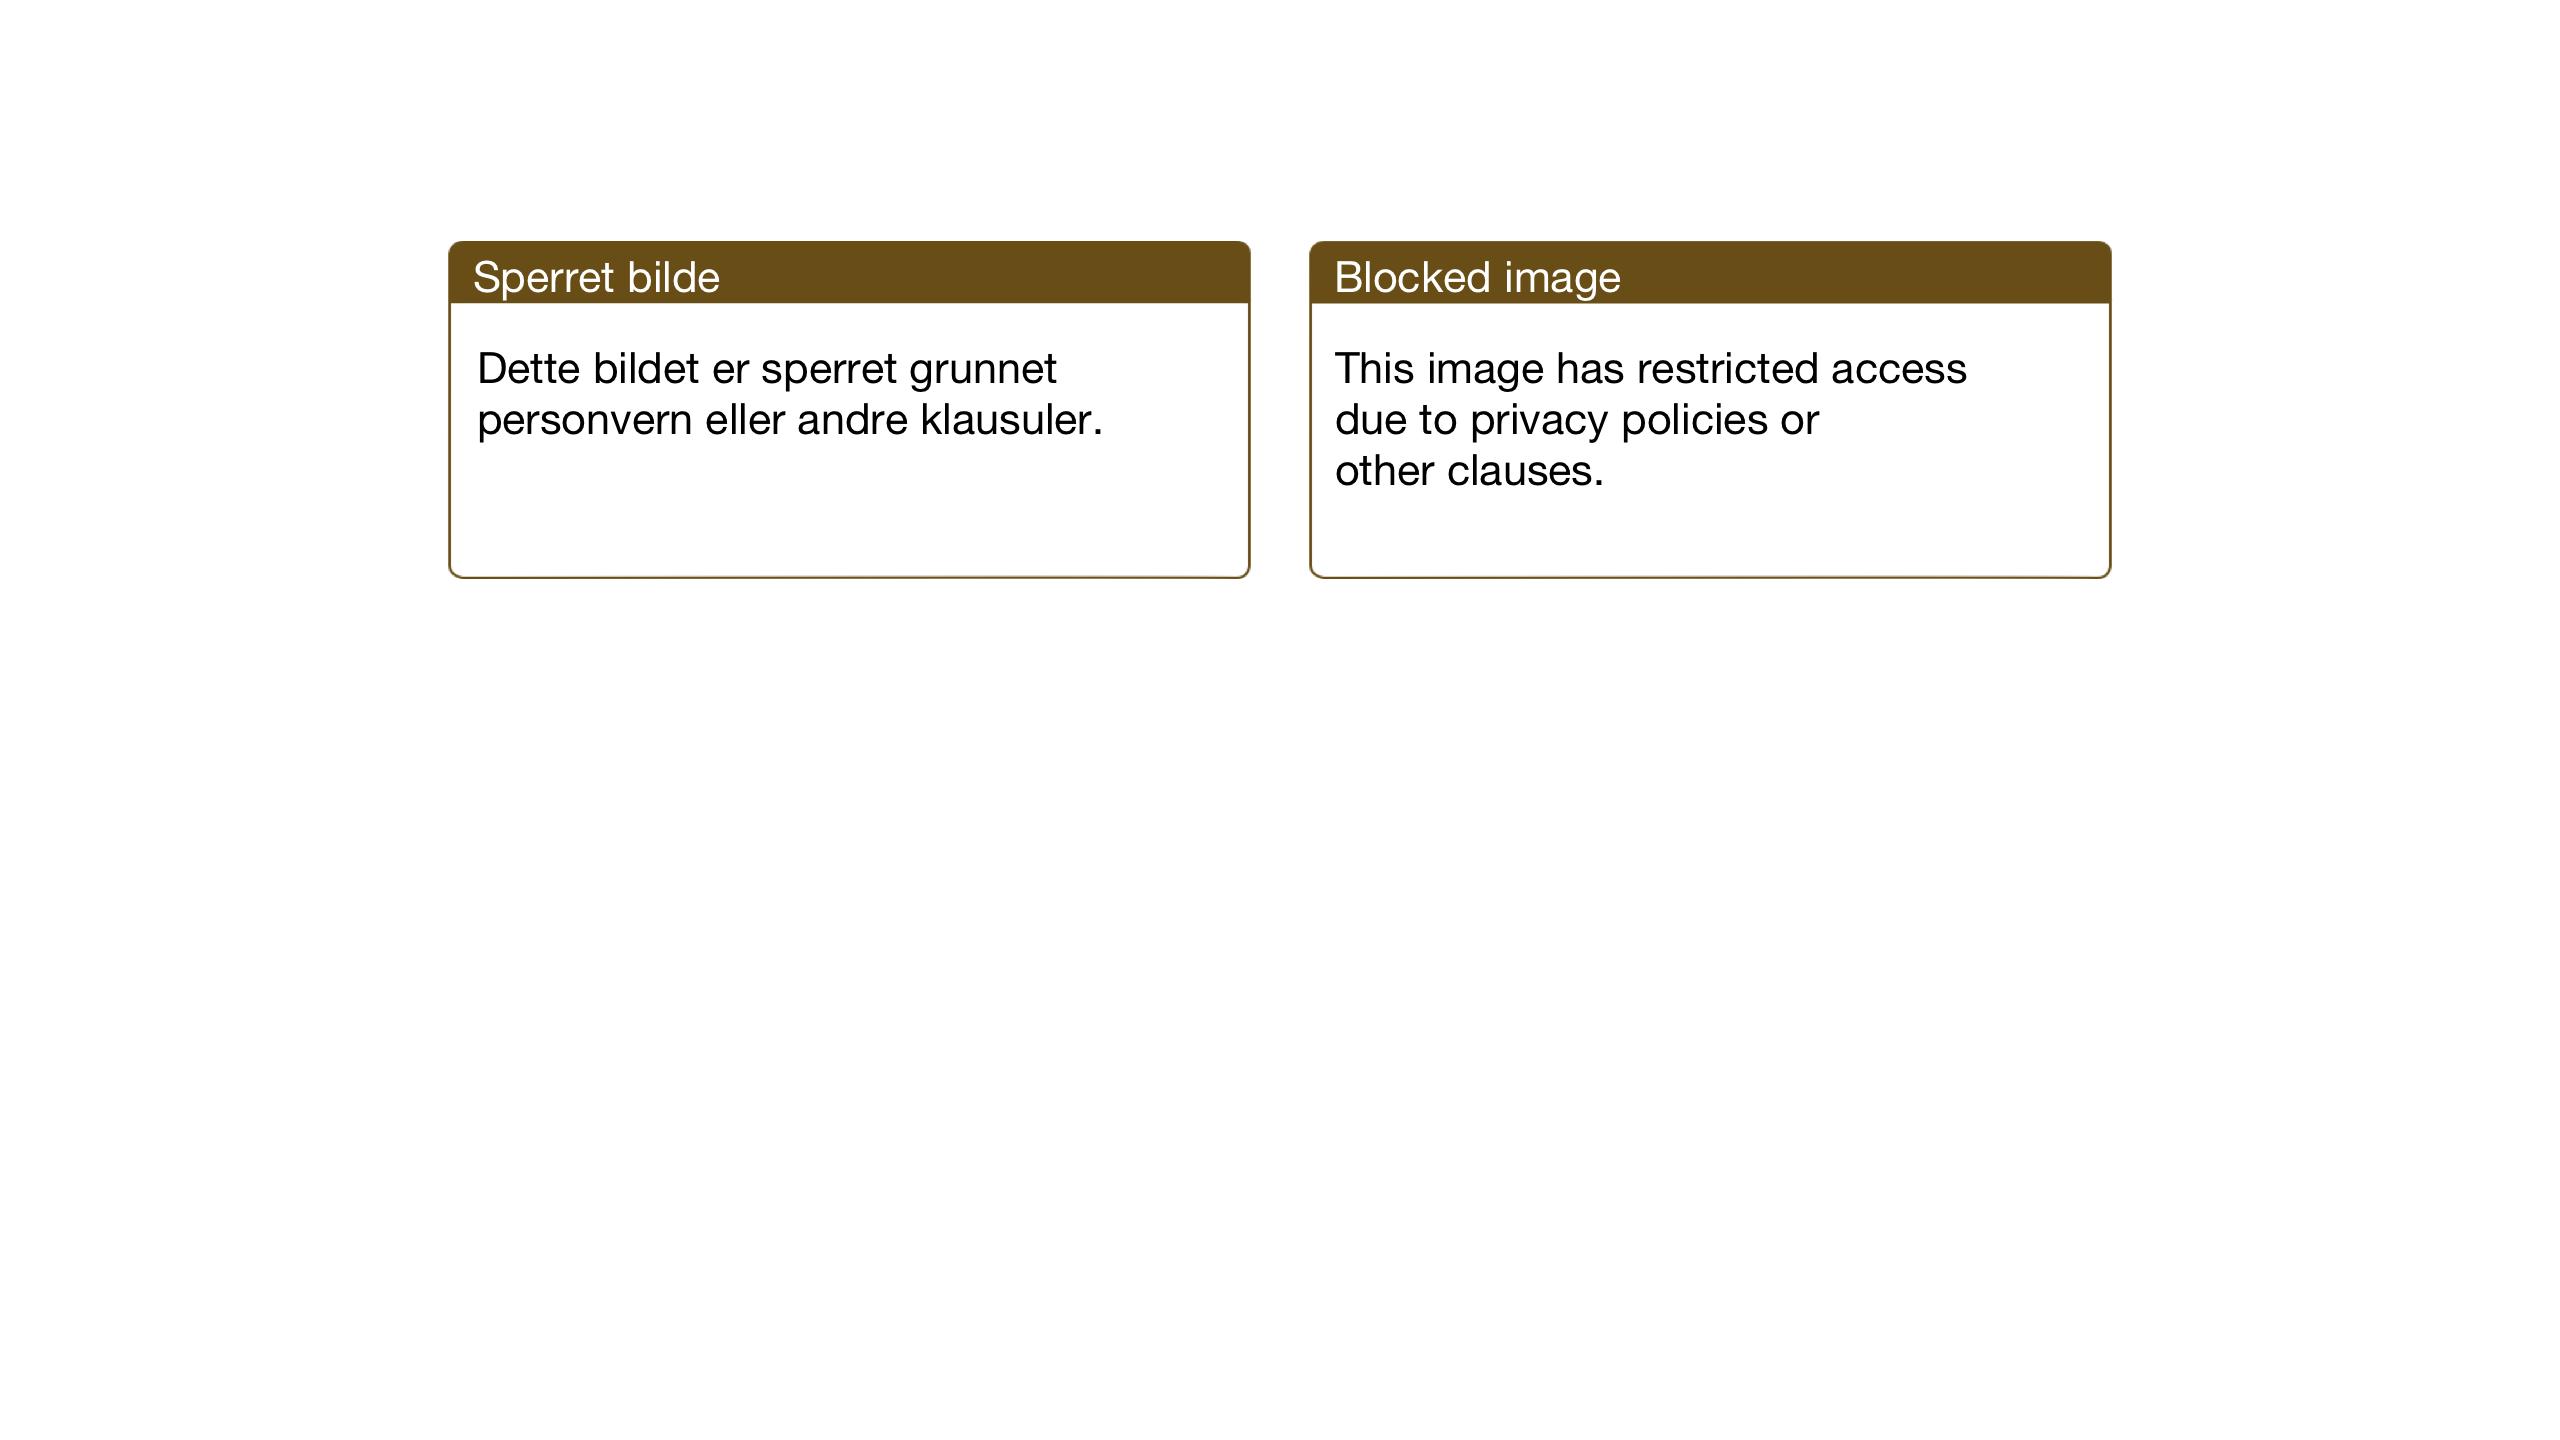 SAT, Ministerialprotokoller, klokkerbøker og fødselsregistre - Sør-Trøndelag, 637/L0564: Klokkerbok nr. 637C05, 1928-1968, s. 139